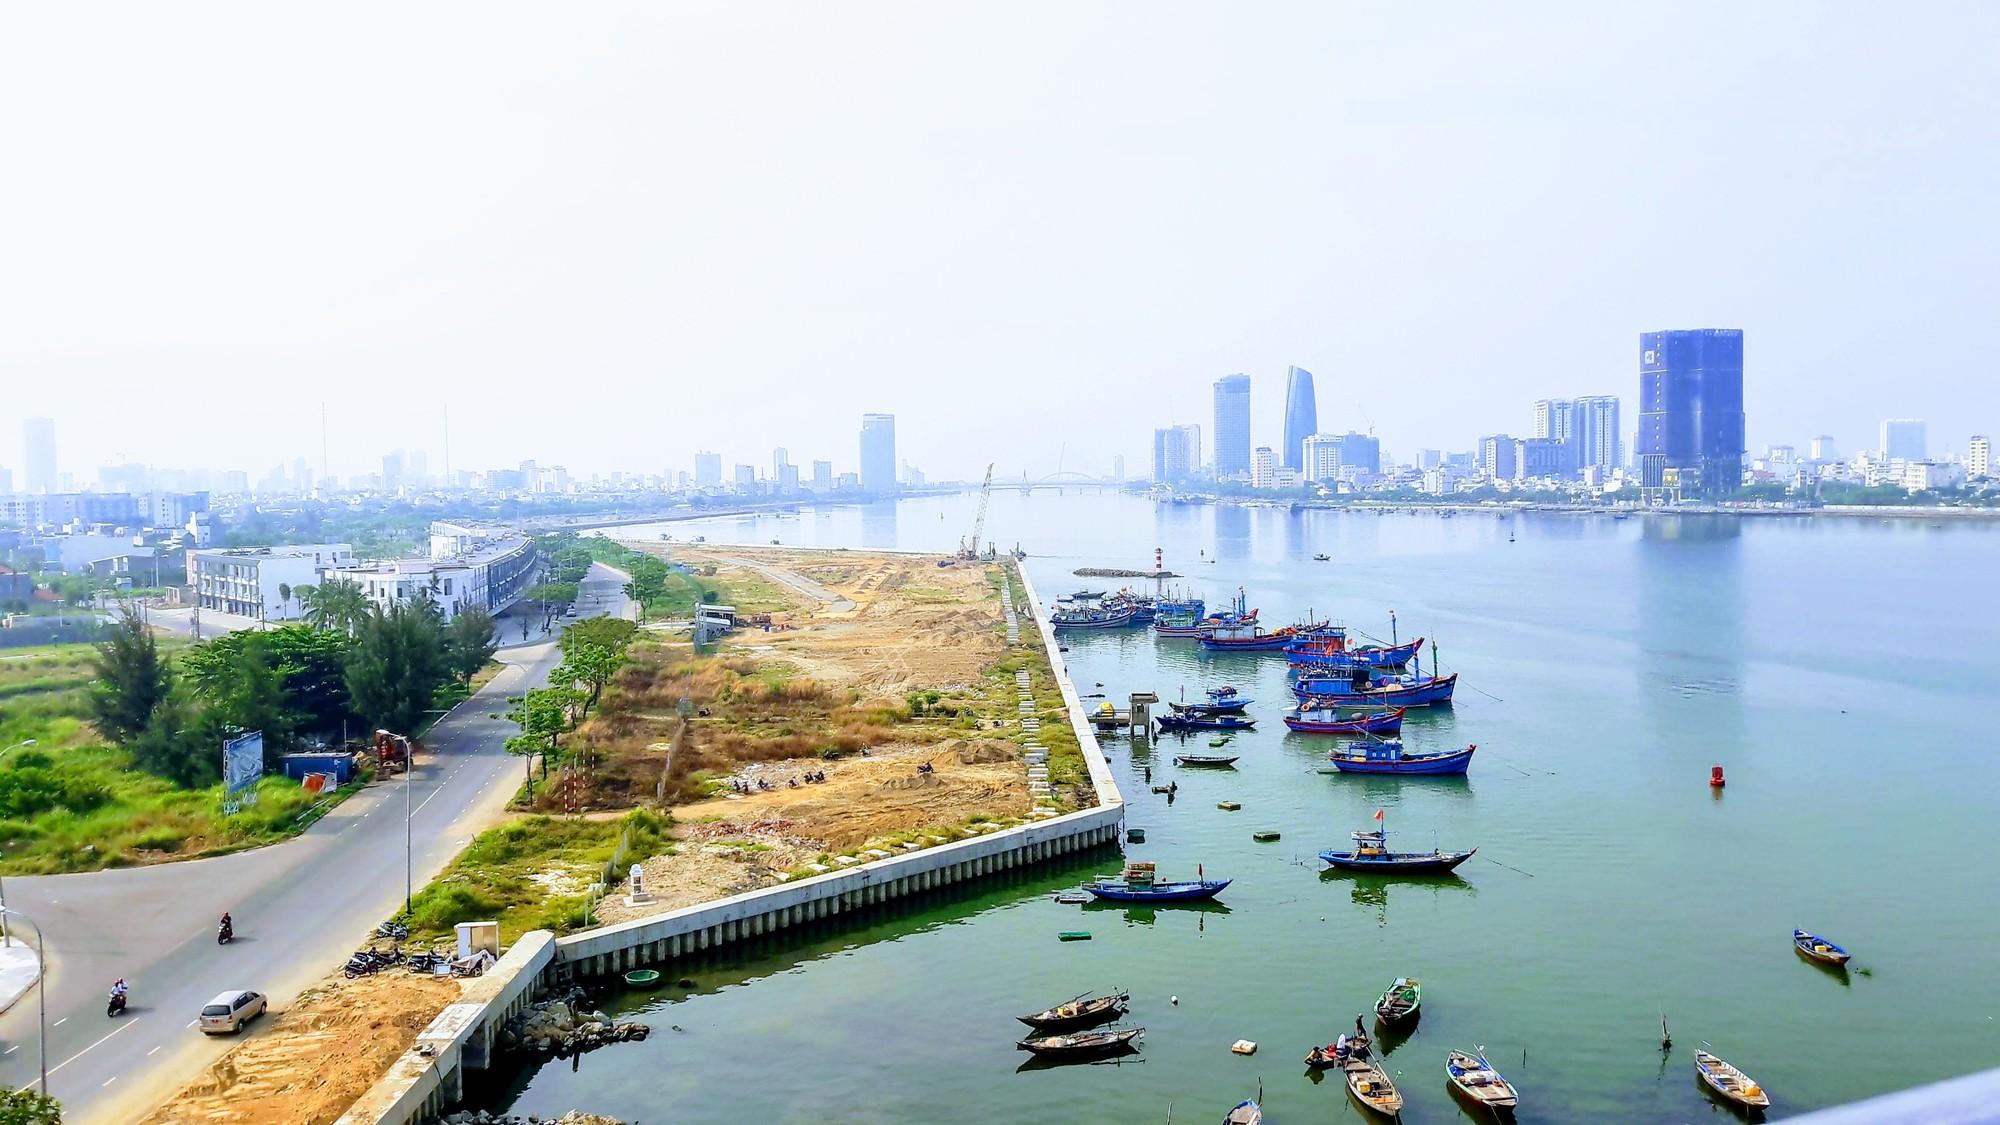 Vụ tạm dừng dự án Marina Complex ở Đà Nẵng: Cận cảnh những công trình, dự án dọc hai bờ sông Hàn hiện nay - Ảnh 4.